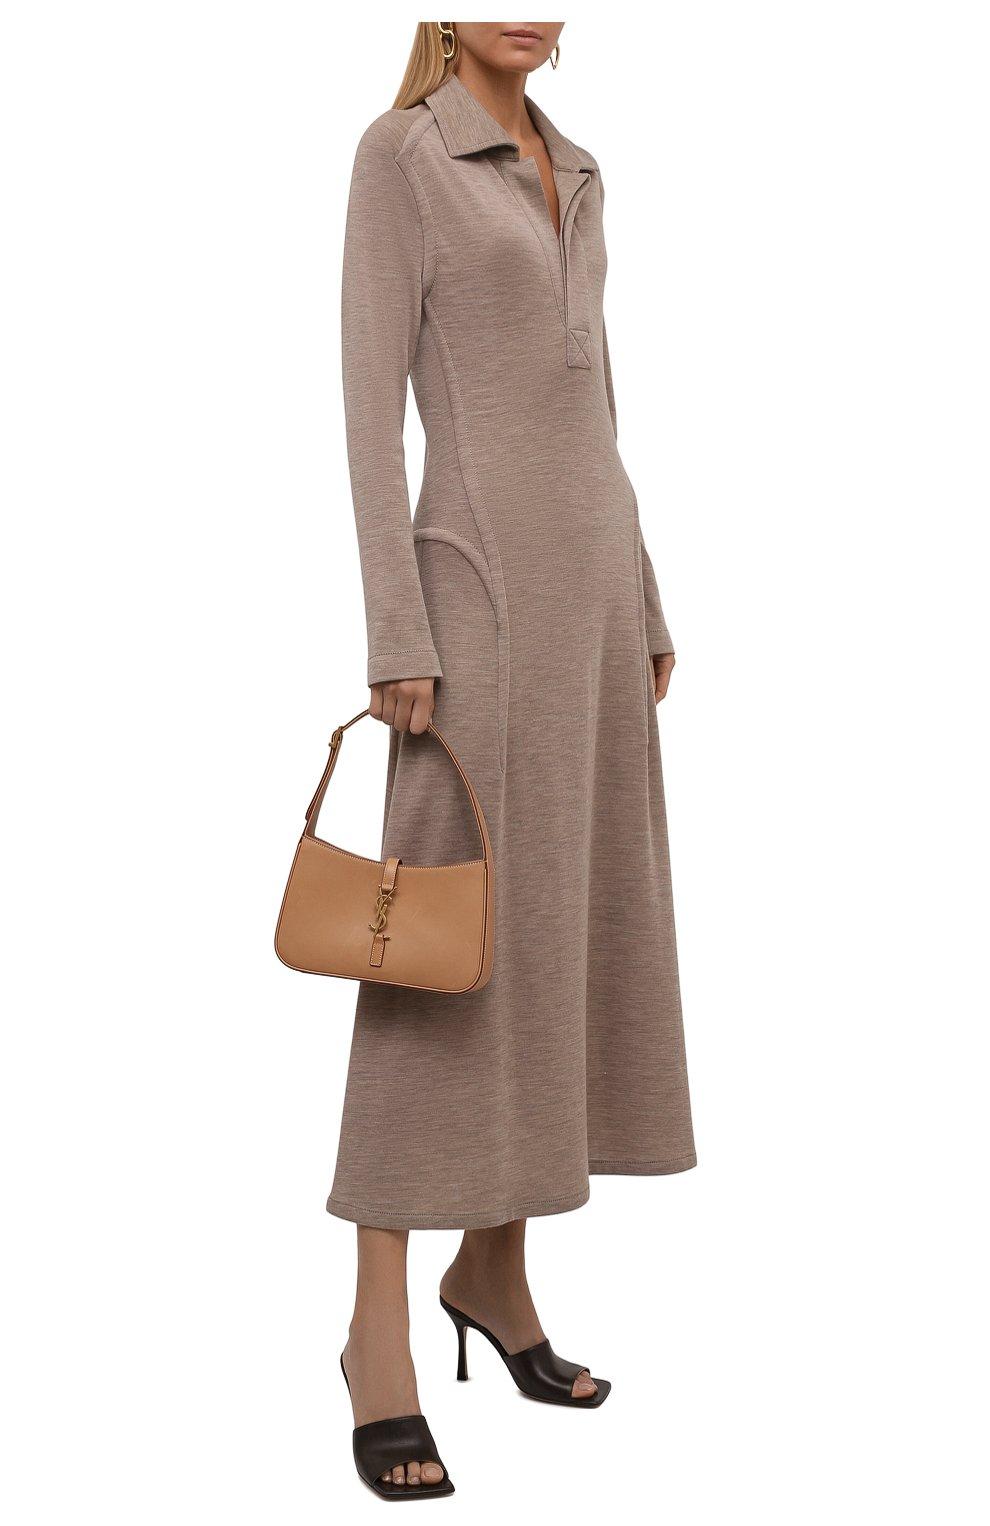 Женские кожаные мюли the stretch BOTTEGA VENETA коричневого цвета, арт. 610538/VBSF0 | Фото 2 (Каблук высота: Высокий; Материал внутренний: Натуральная кожа; Каблук тип: Шпилька; Подошва: Плоская)